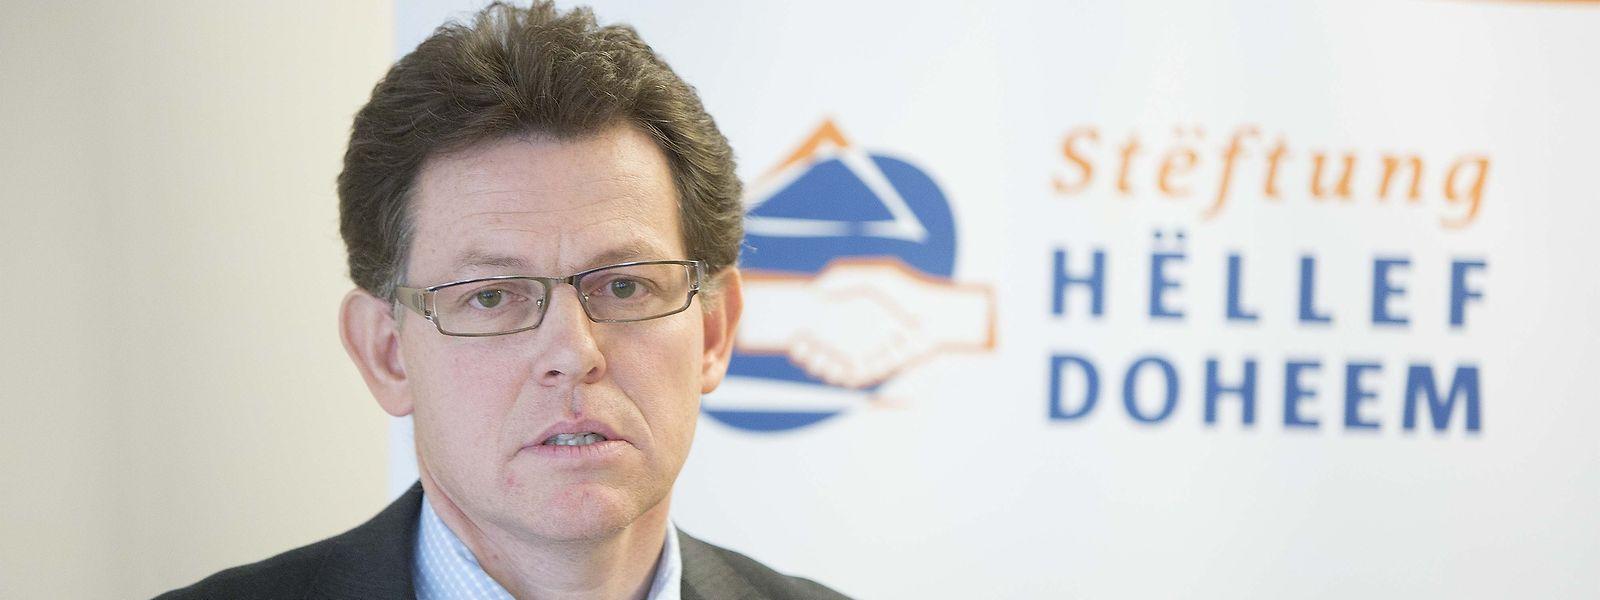 Benoit Holzem a trois pistes de développement possibles pour la fondation qu'il dirige.